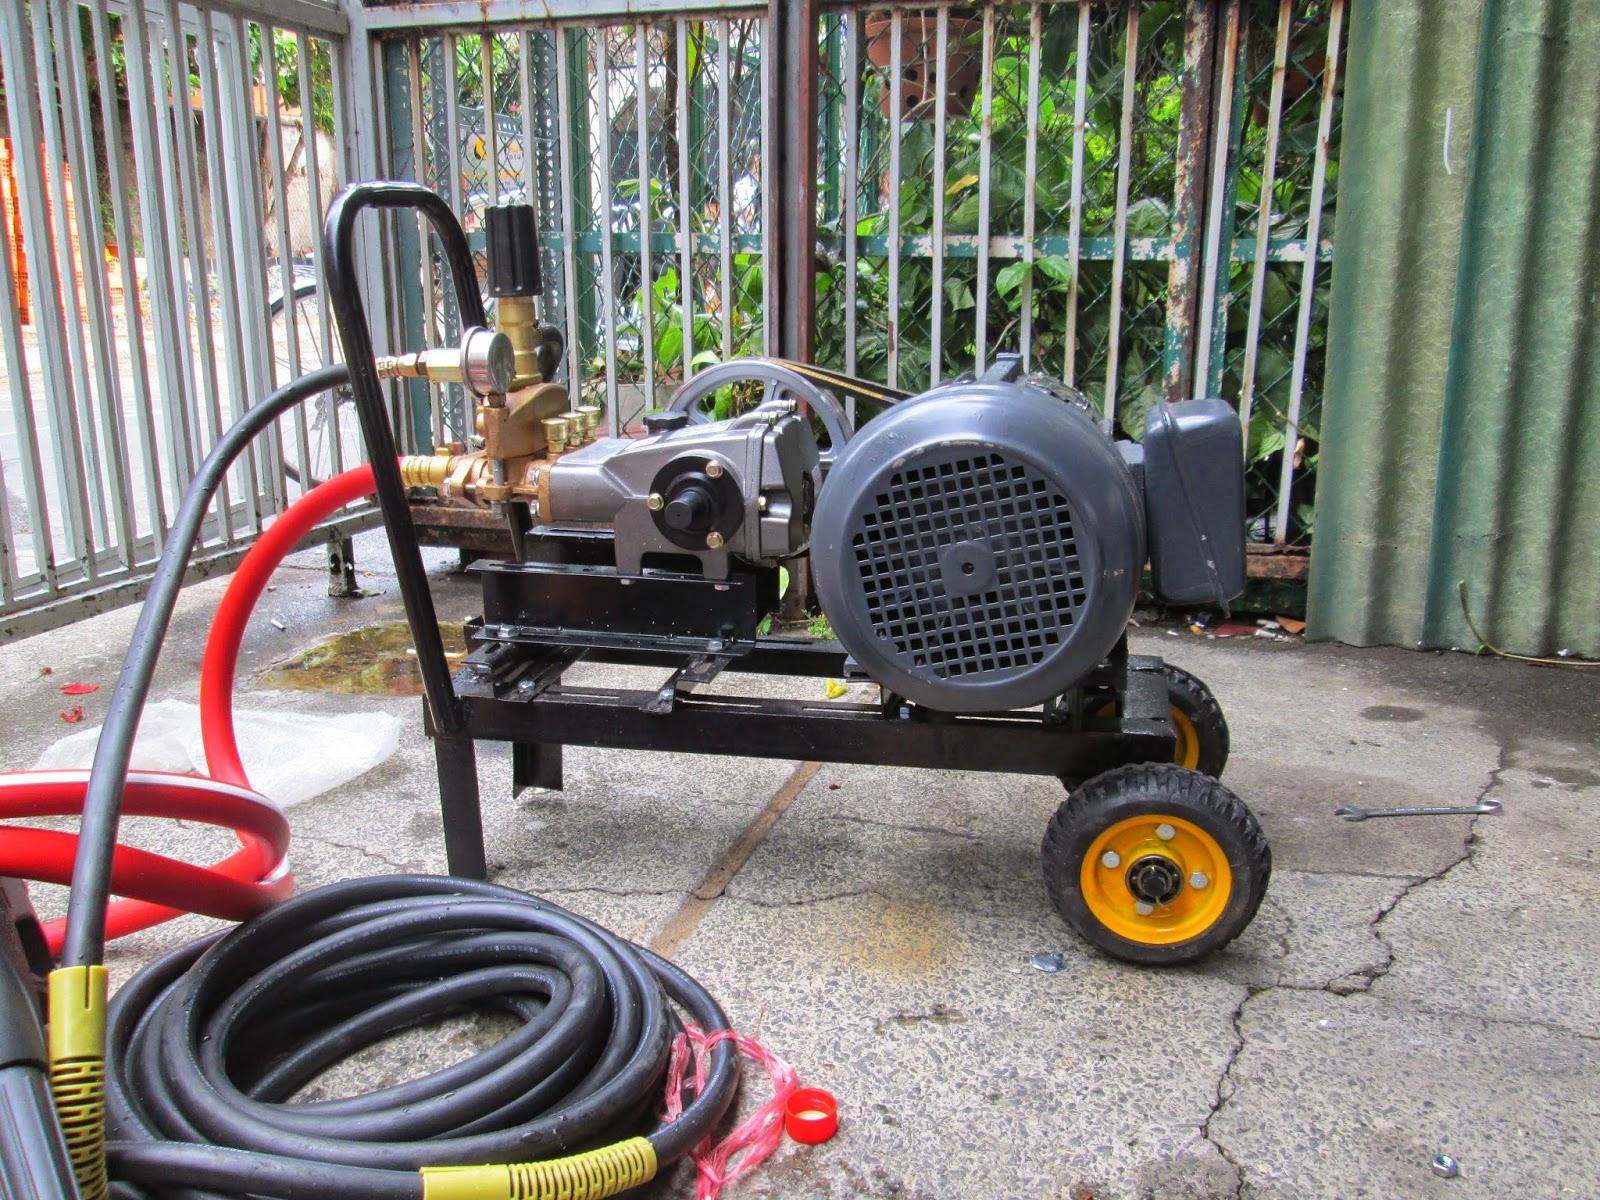 Kinh nghiệm mua máy bơm rửa xe cũ giá rẻ